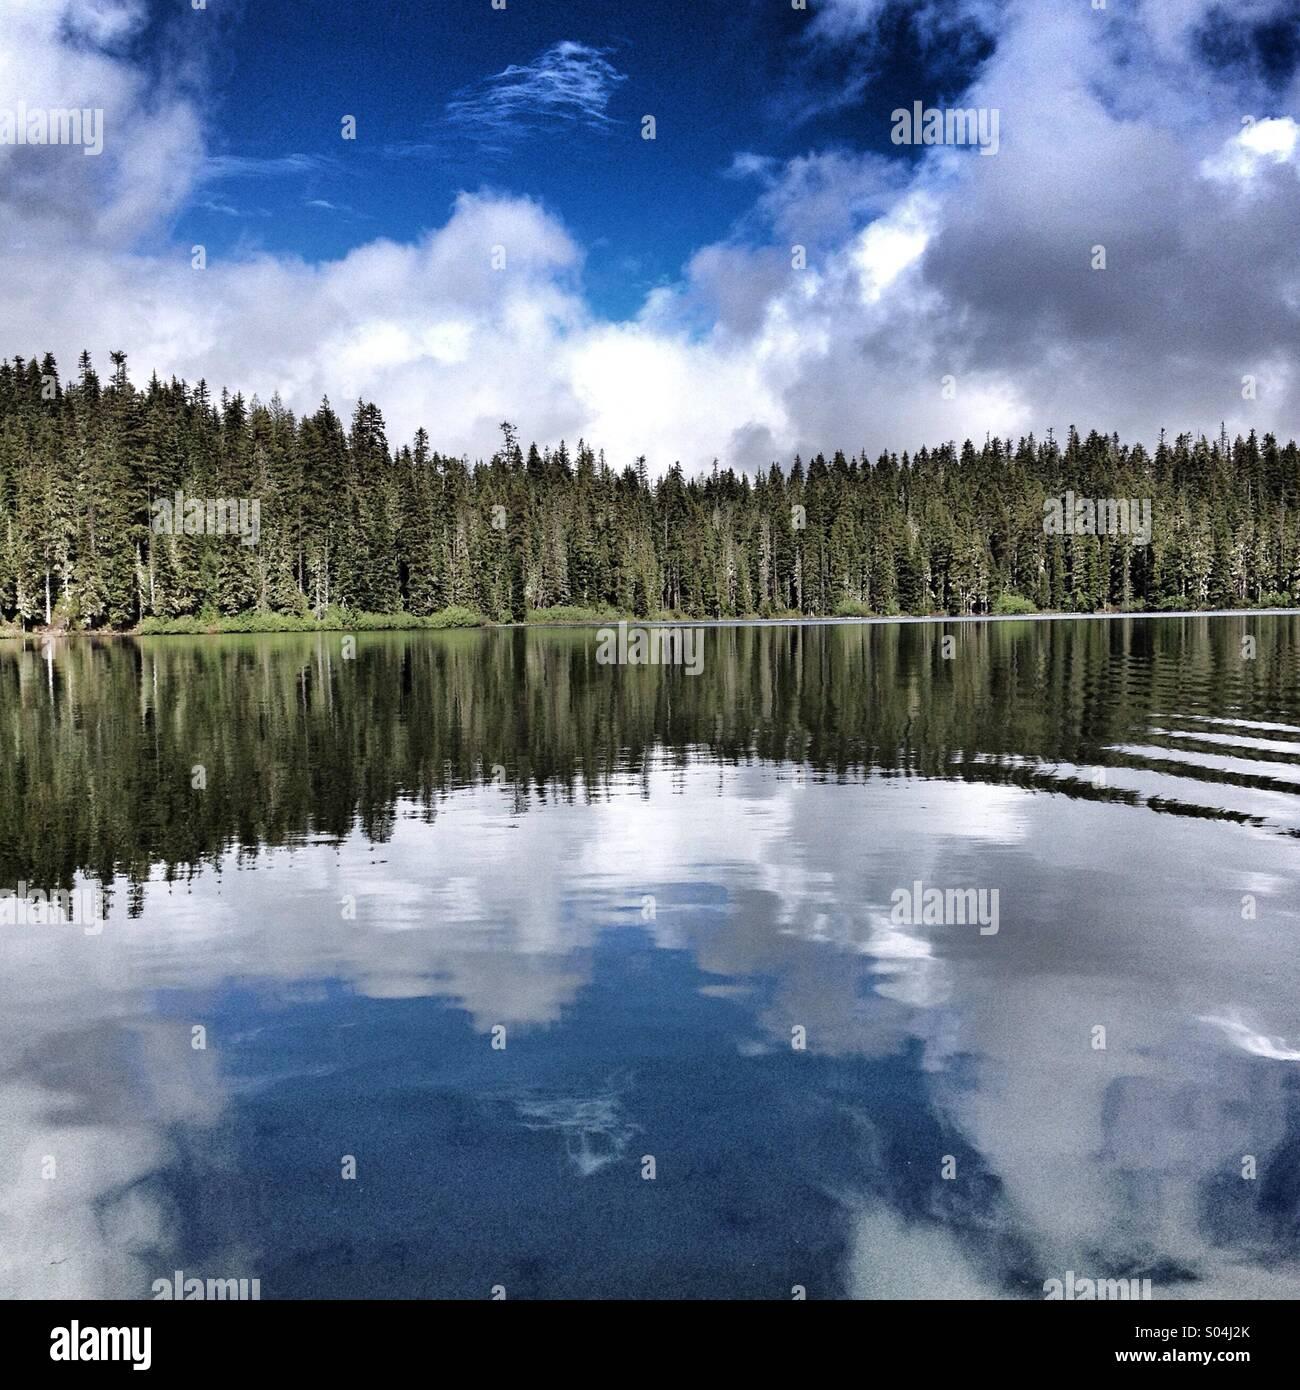 Lake Taklakh, Washington - Stock Image